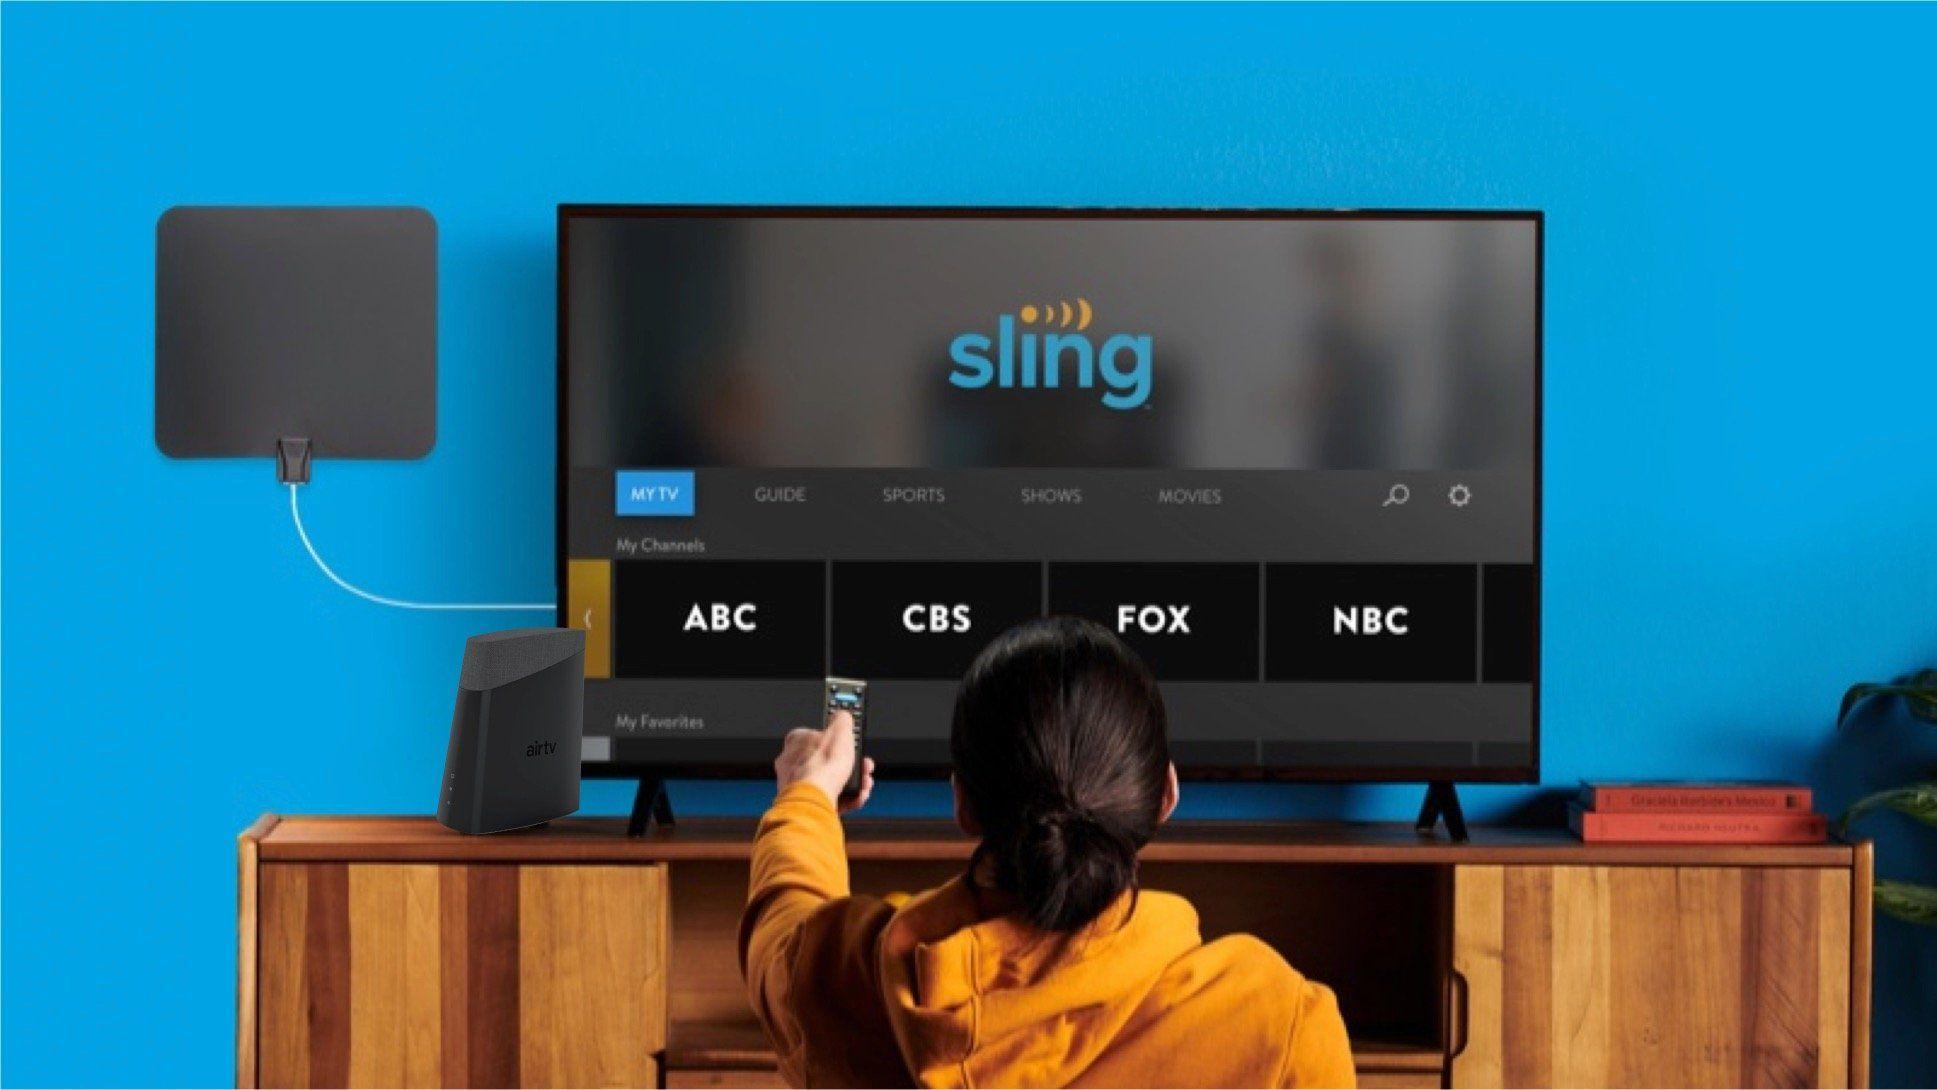 2e678e321c7e3b1b8b63932a075731e2 - How To Get Sling Tv On Samsung Smart Tv